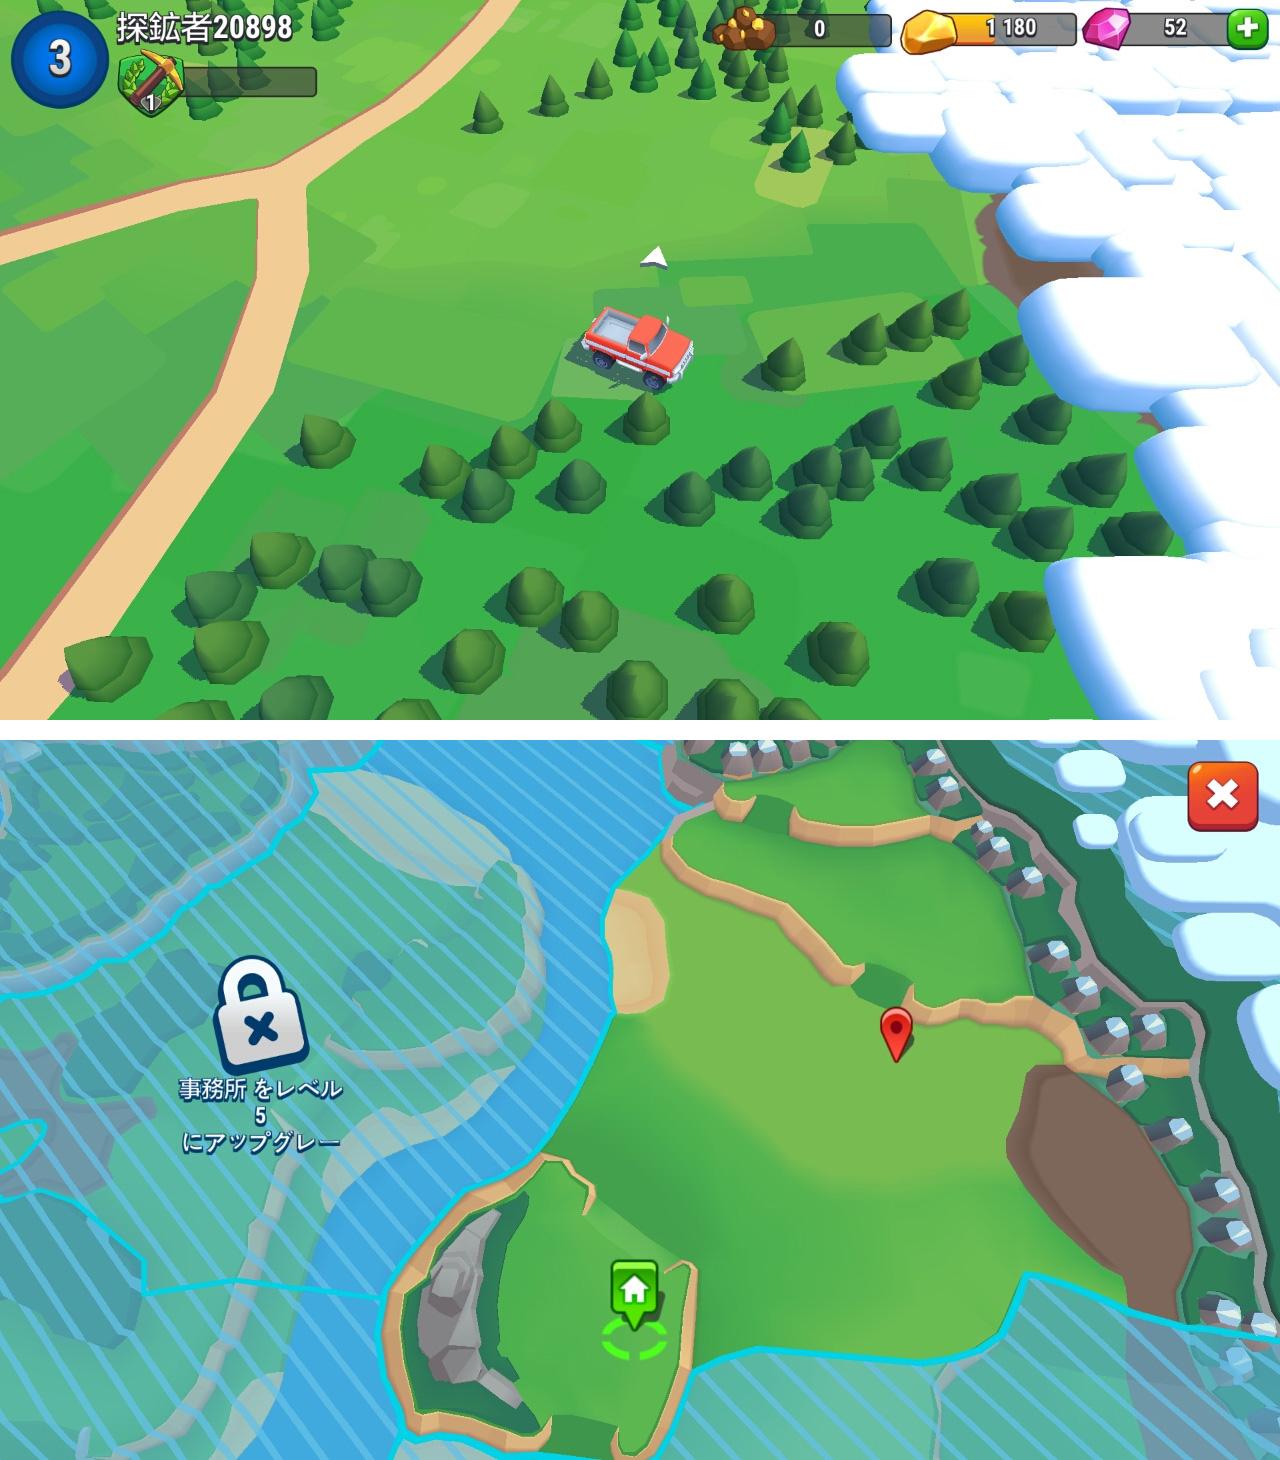 プラネットゴールドラッシュ(Planet Gold Rush) androidアプリスクリーンショット2